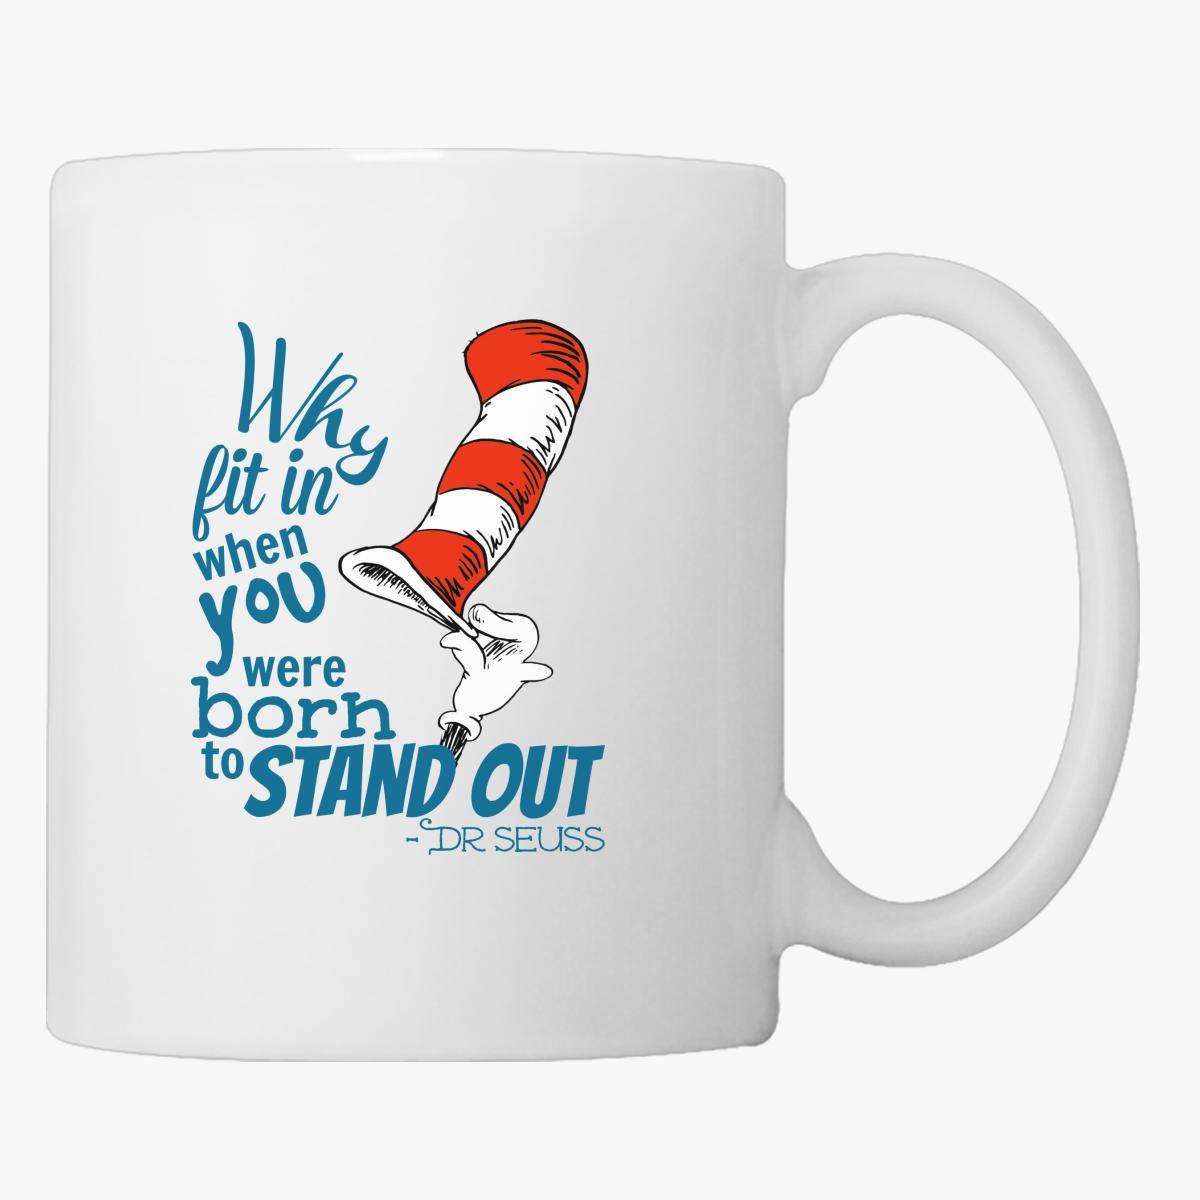 Dr. Seuss Inspiration Quote Coffee Mug